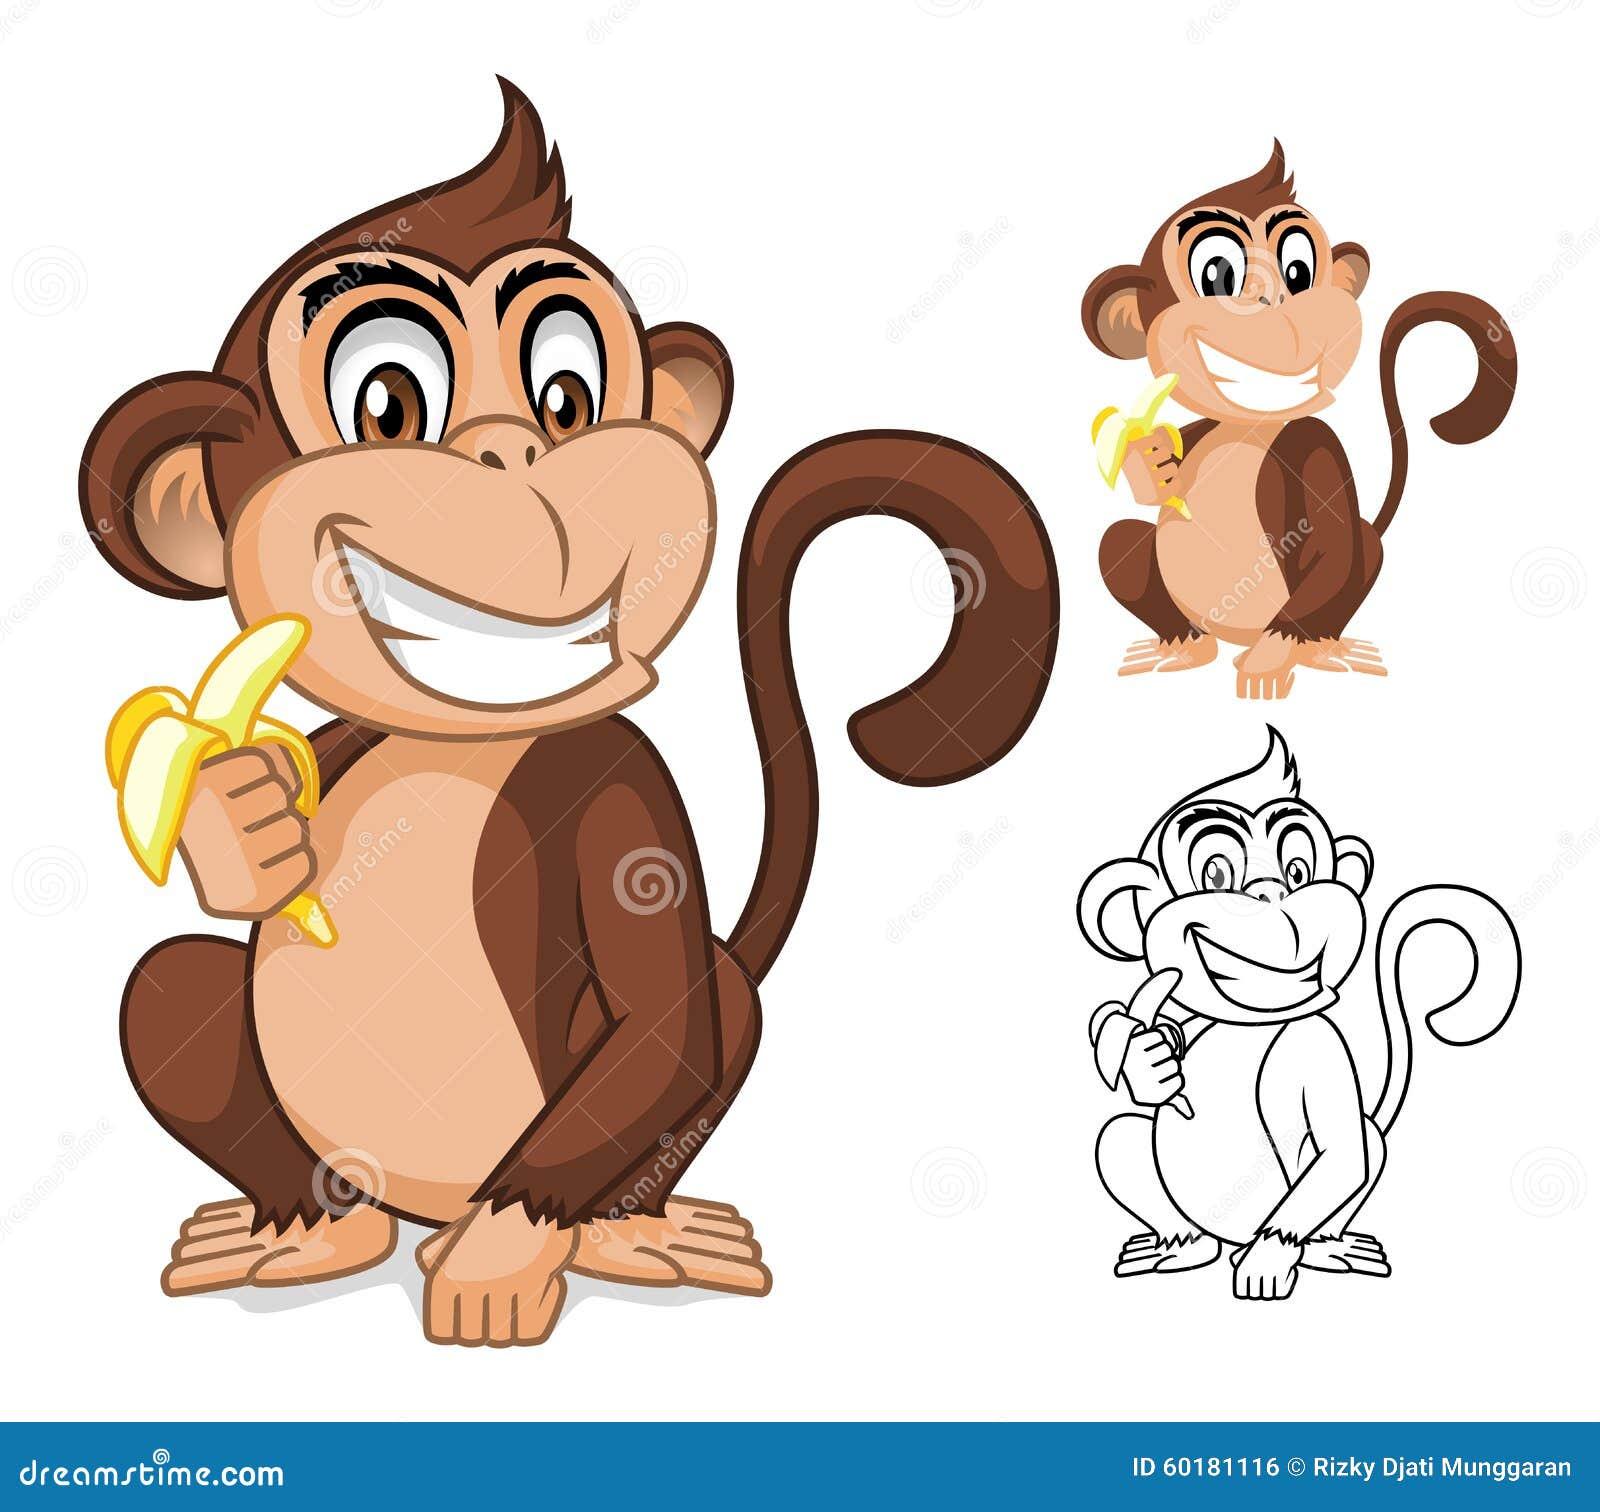 Monkey Holding Banana Cartoon Character Stock Vector